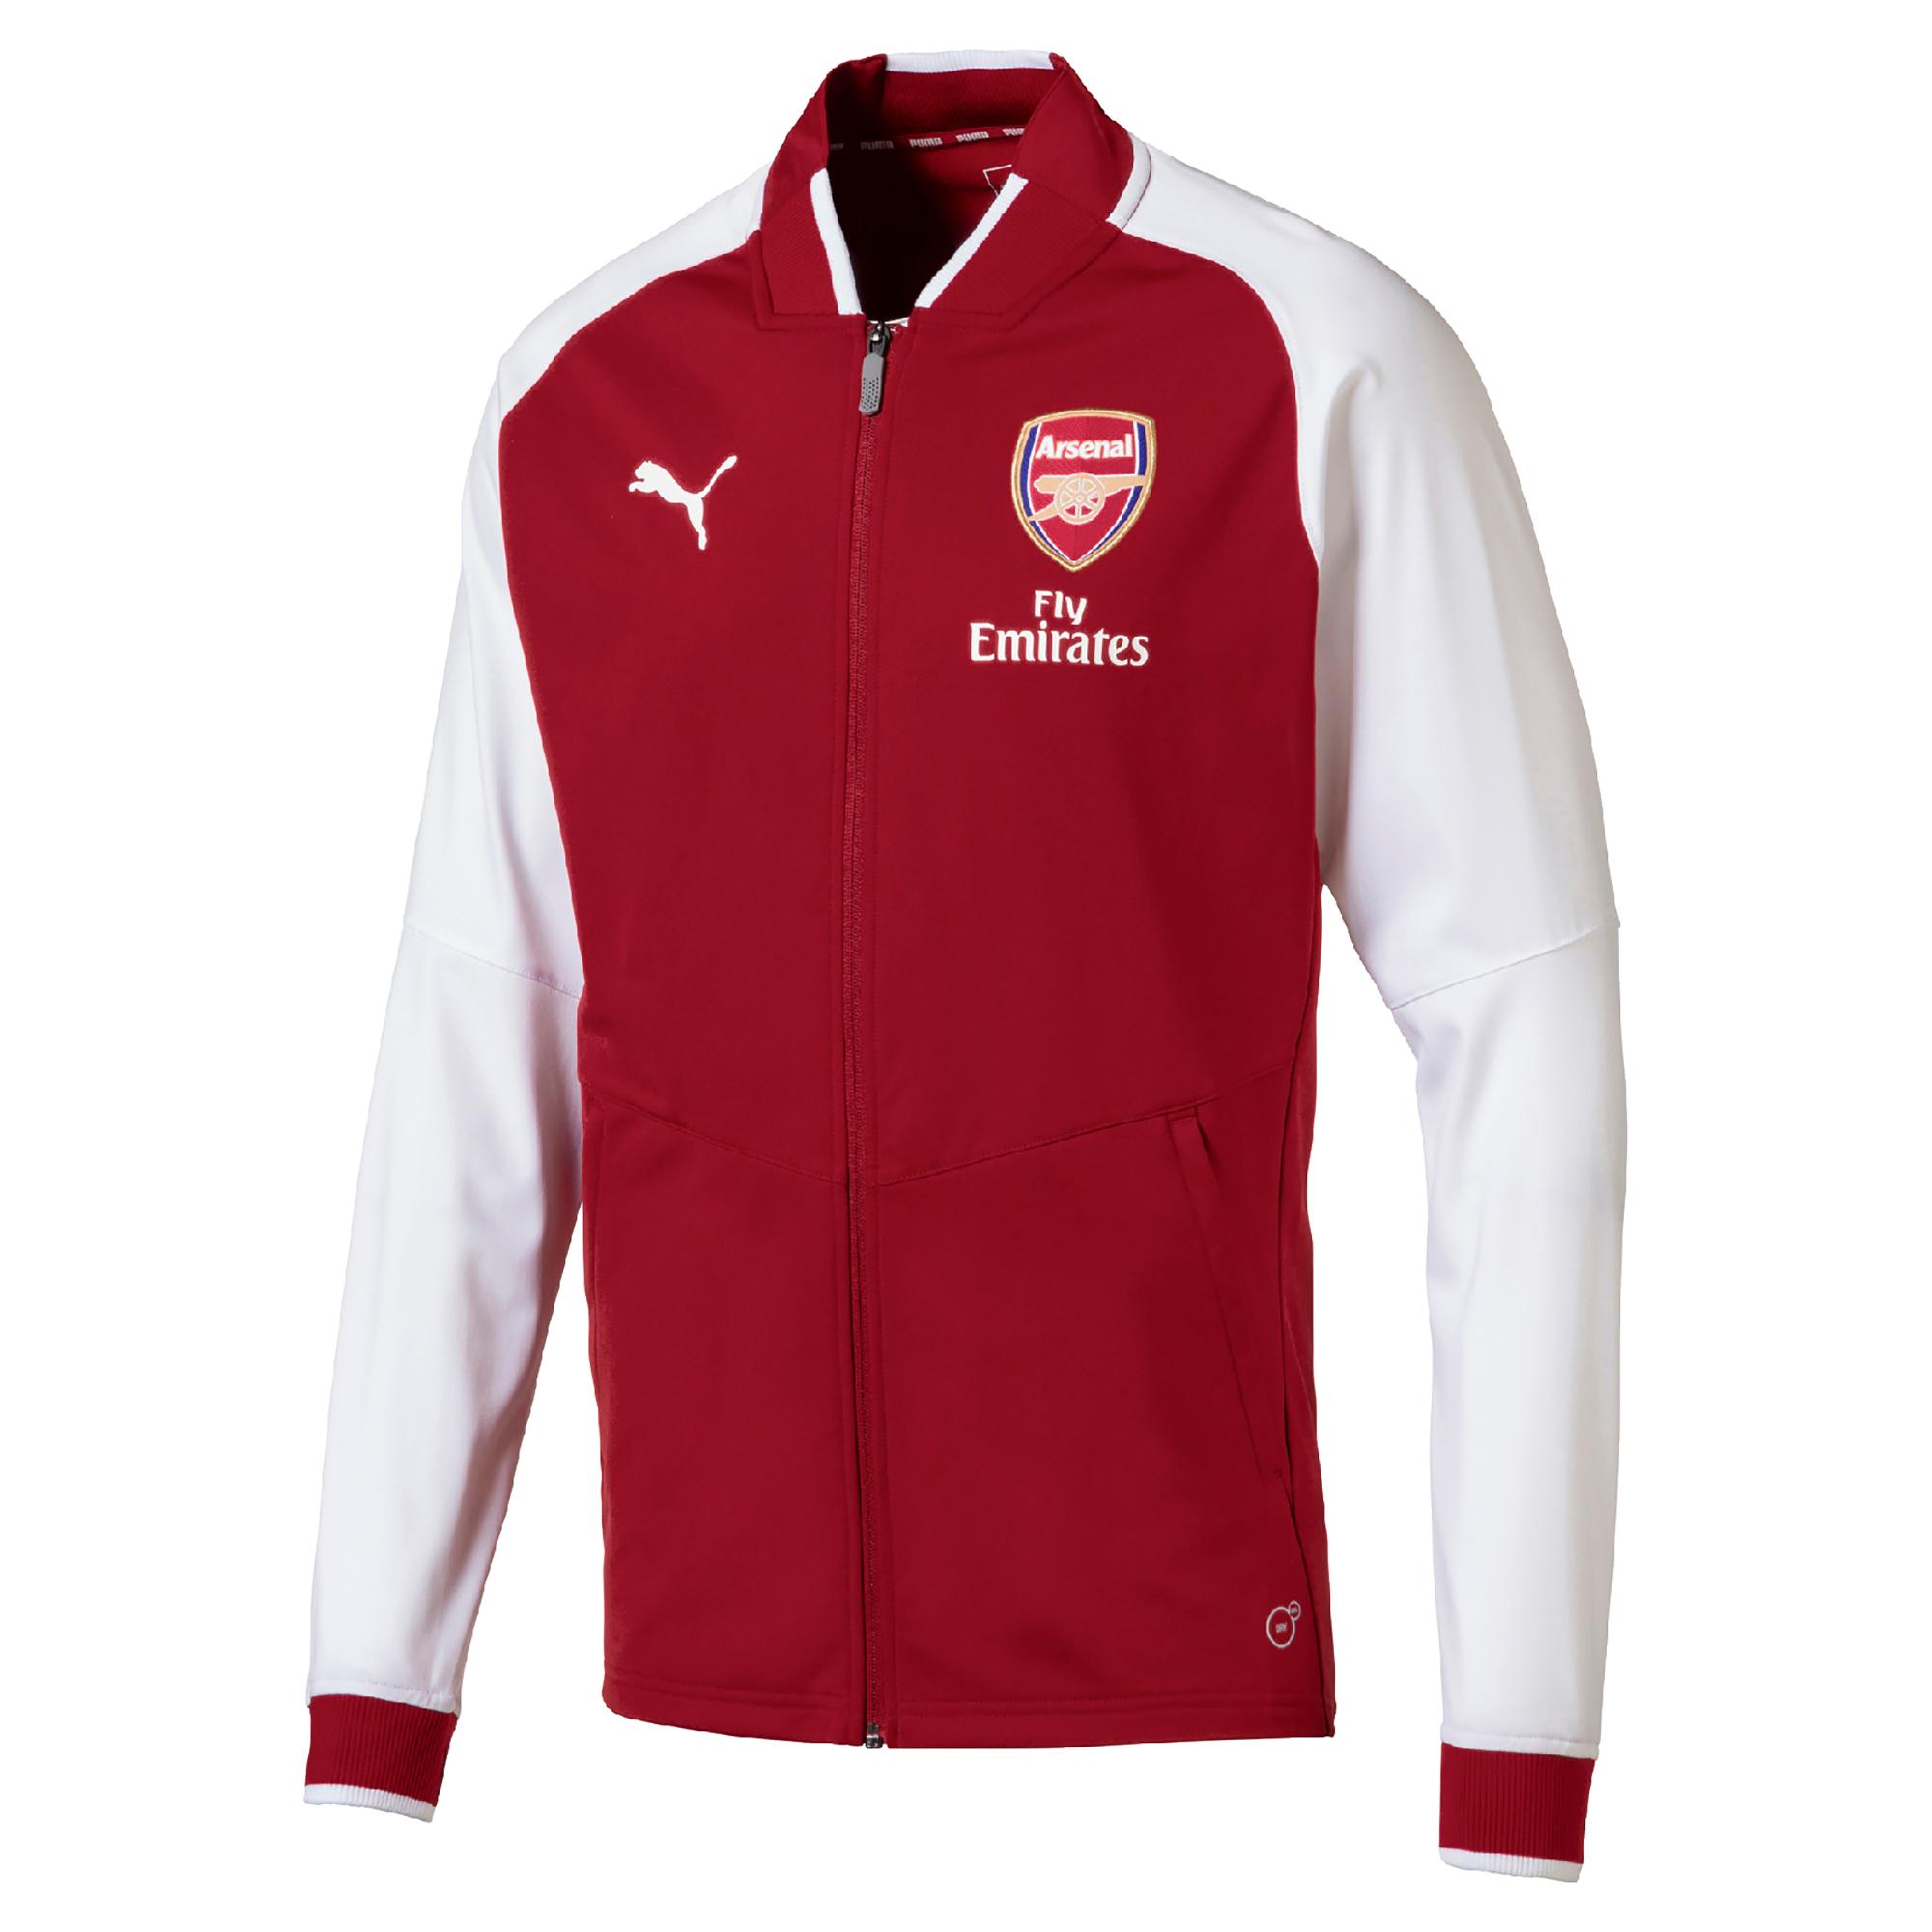 b0d74ed24bf93 Futbalové kluby (všetky) | Puma Arsenal mikina / bunda červená ...